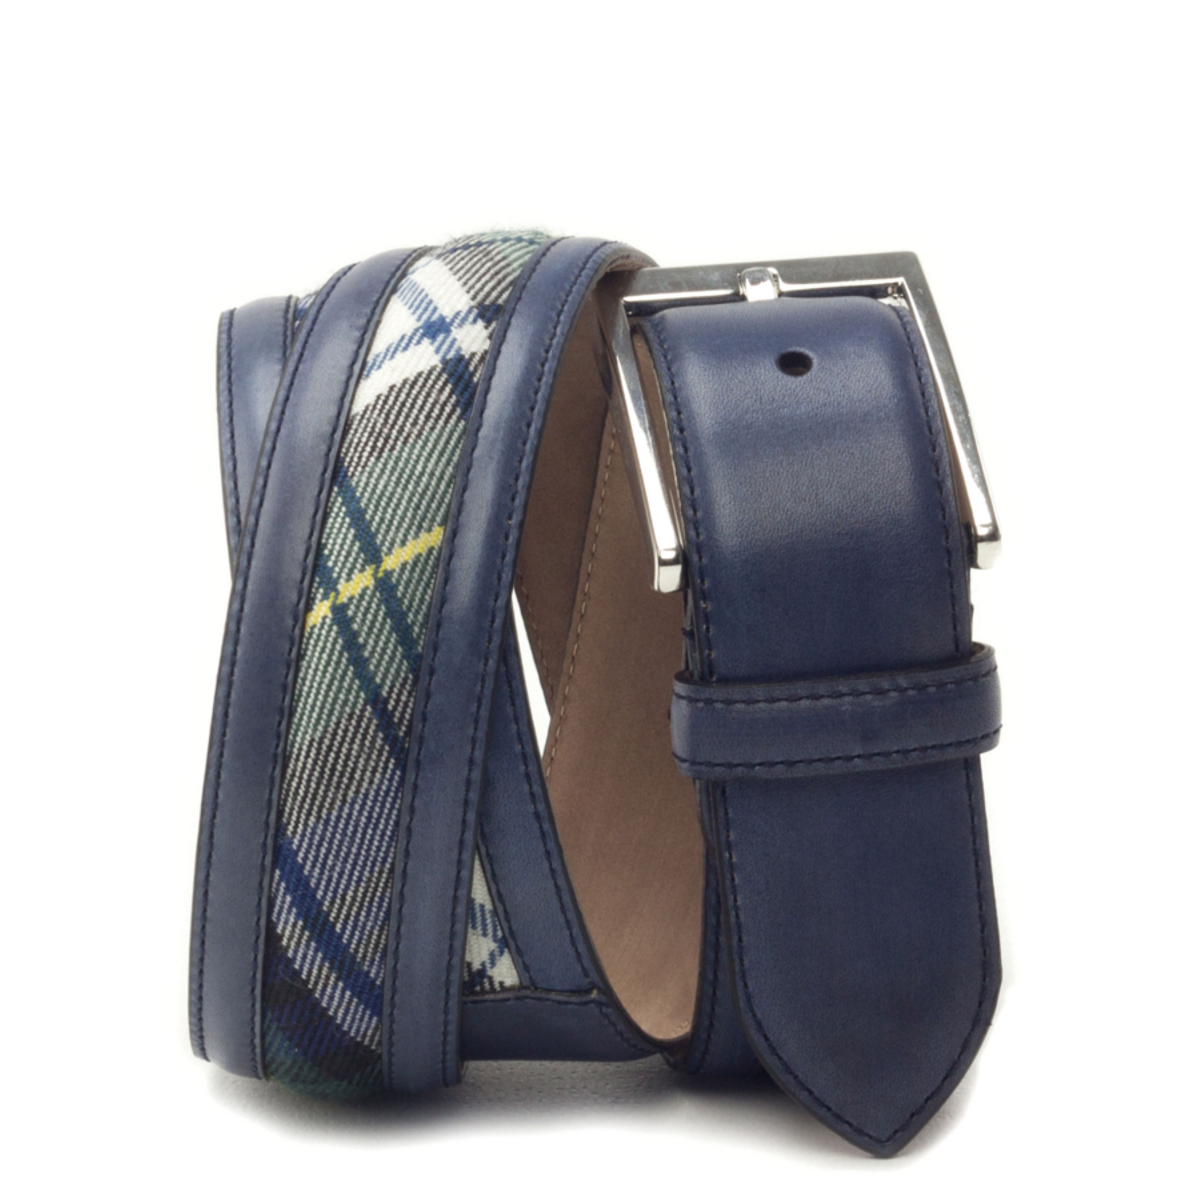 cinturon-para-hombre-boxcalf-azul-marino-y-tartan-VERGARA-CAMBRILLON